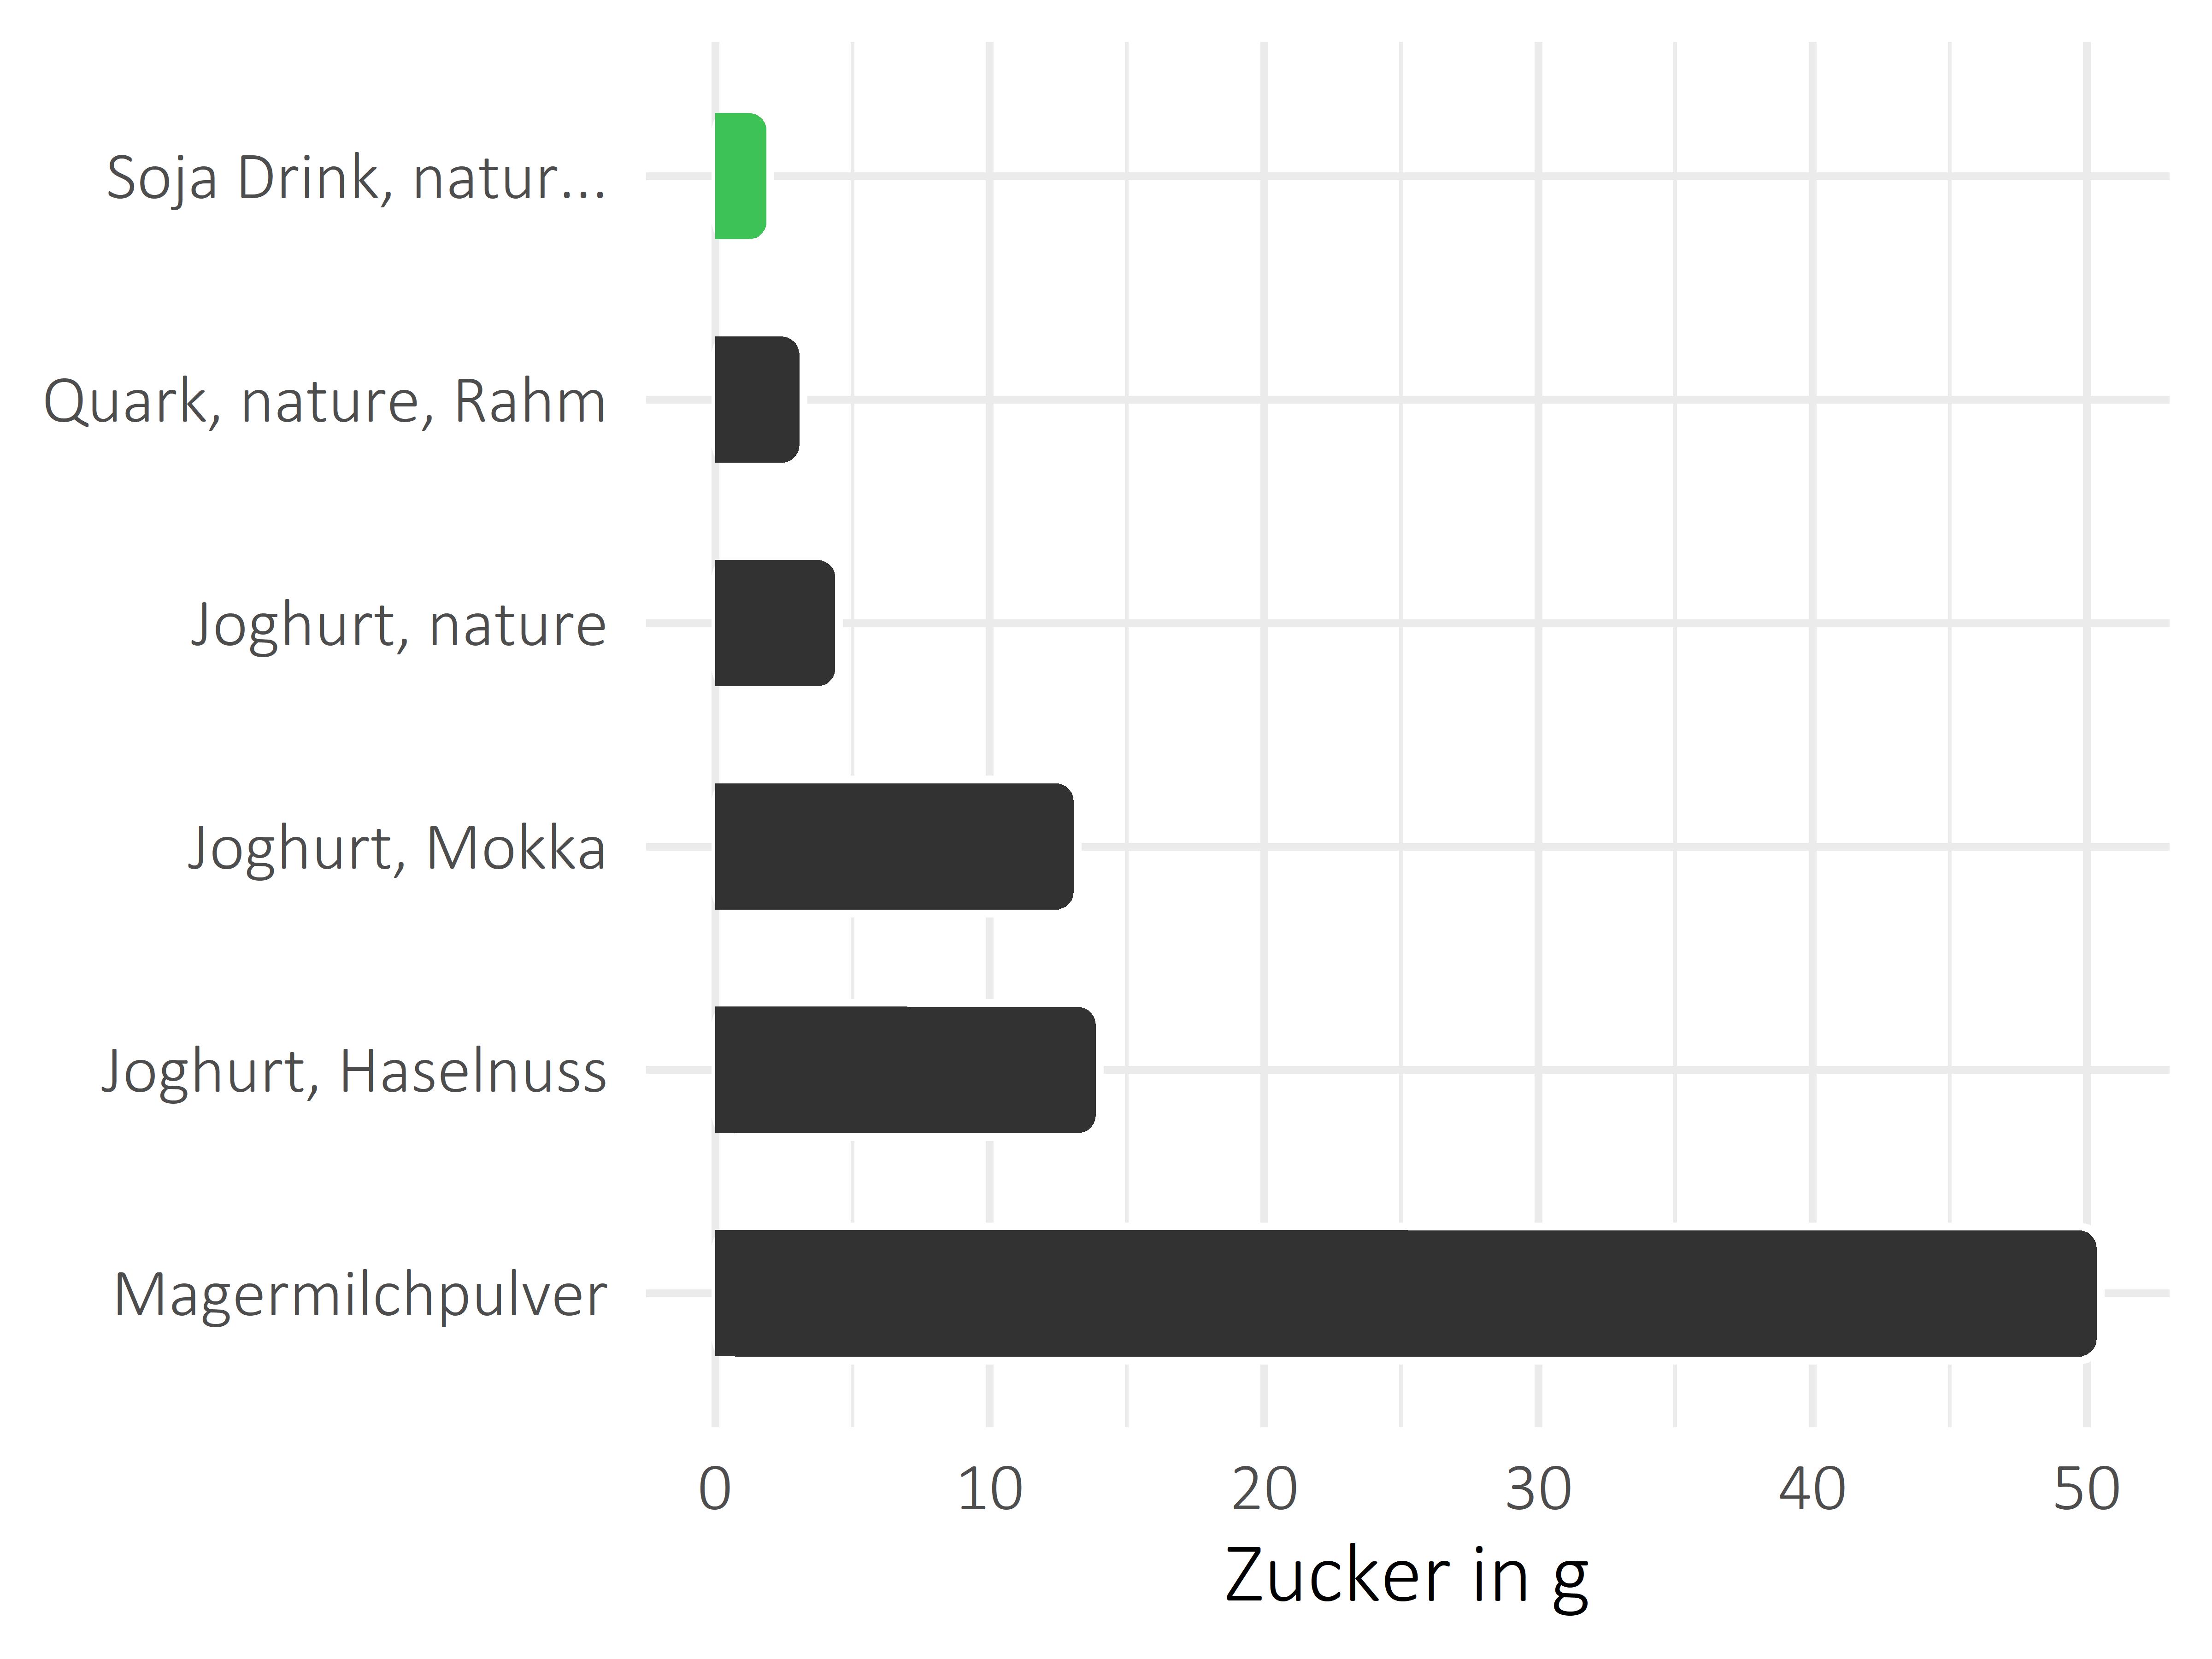 Milchprodukte Zucker